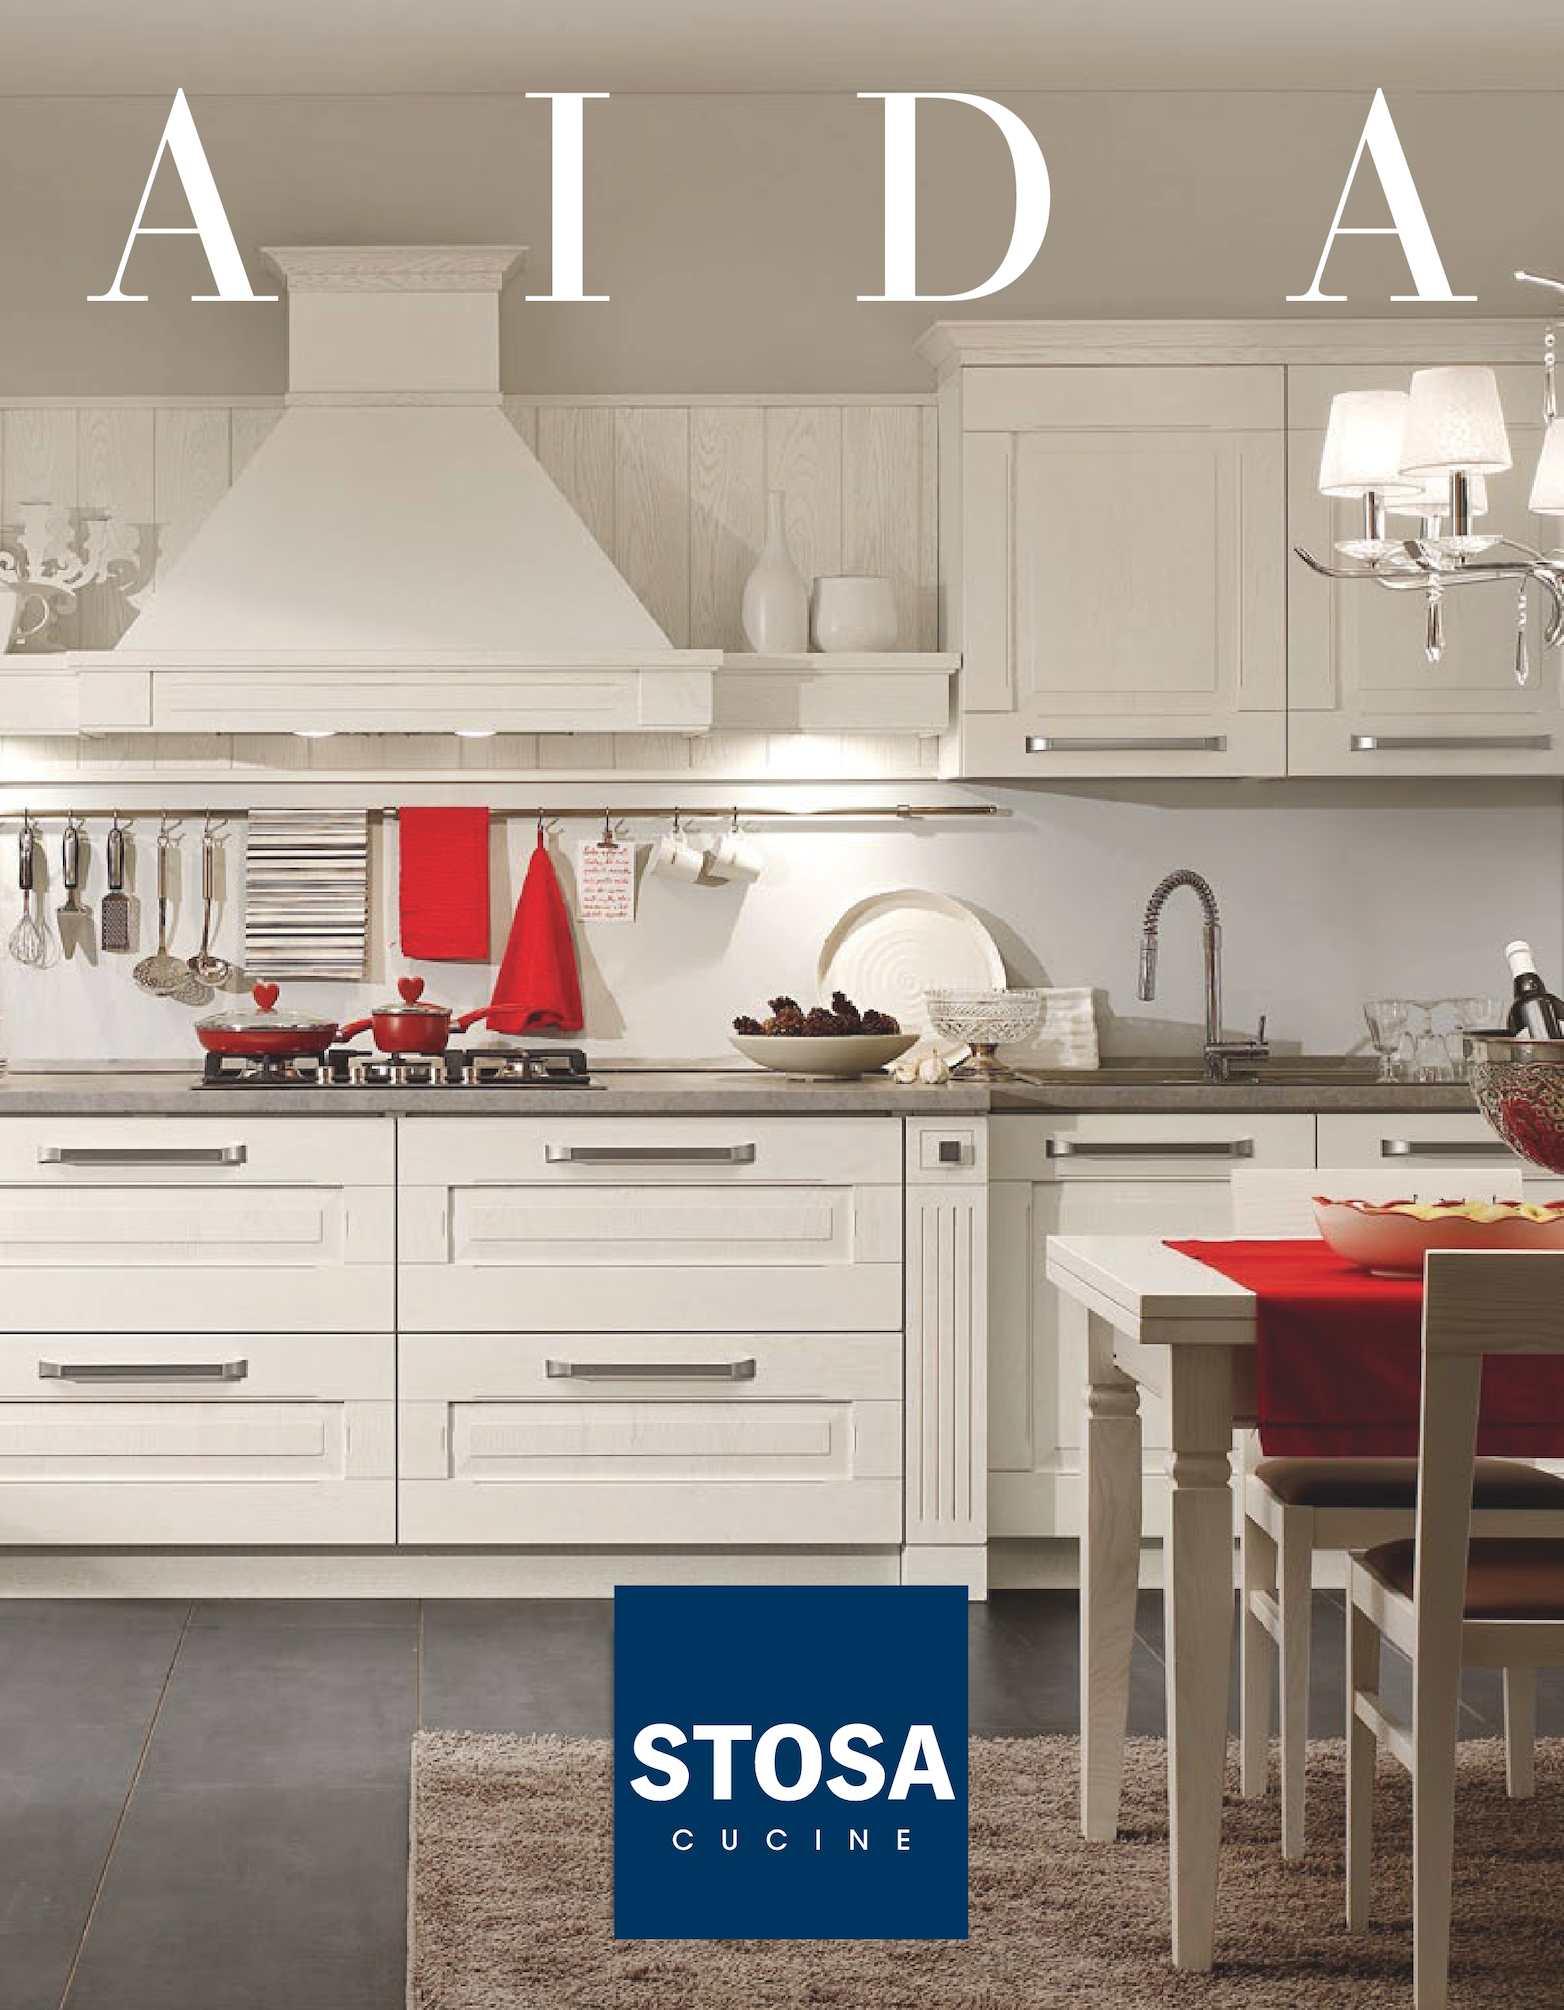 Calaméo - Stosa Cucine | Cucine Classiche | Aida